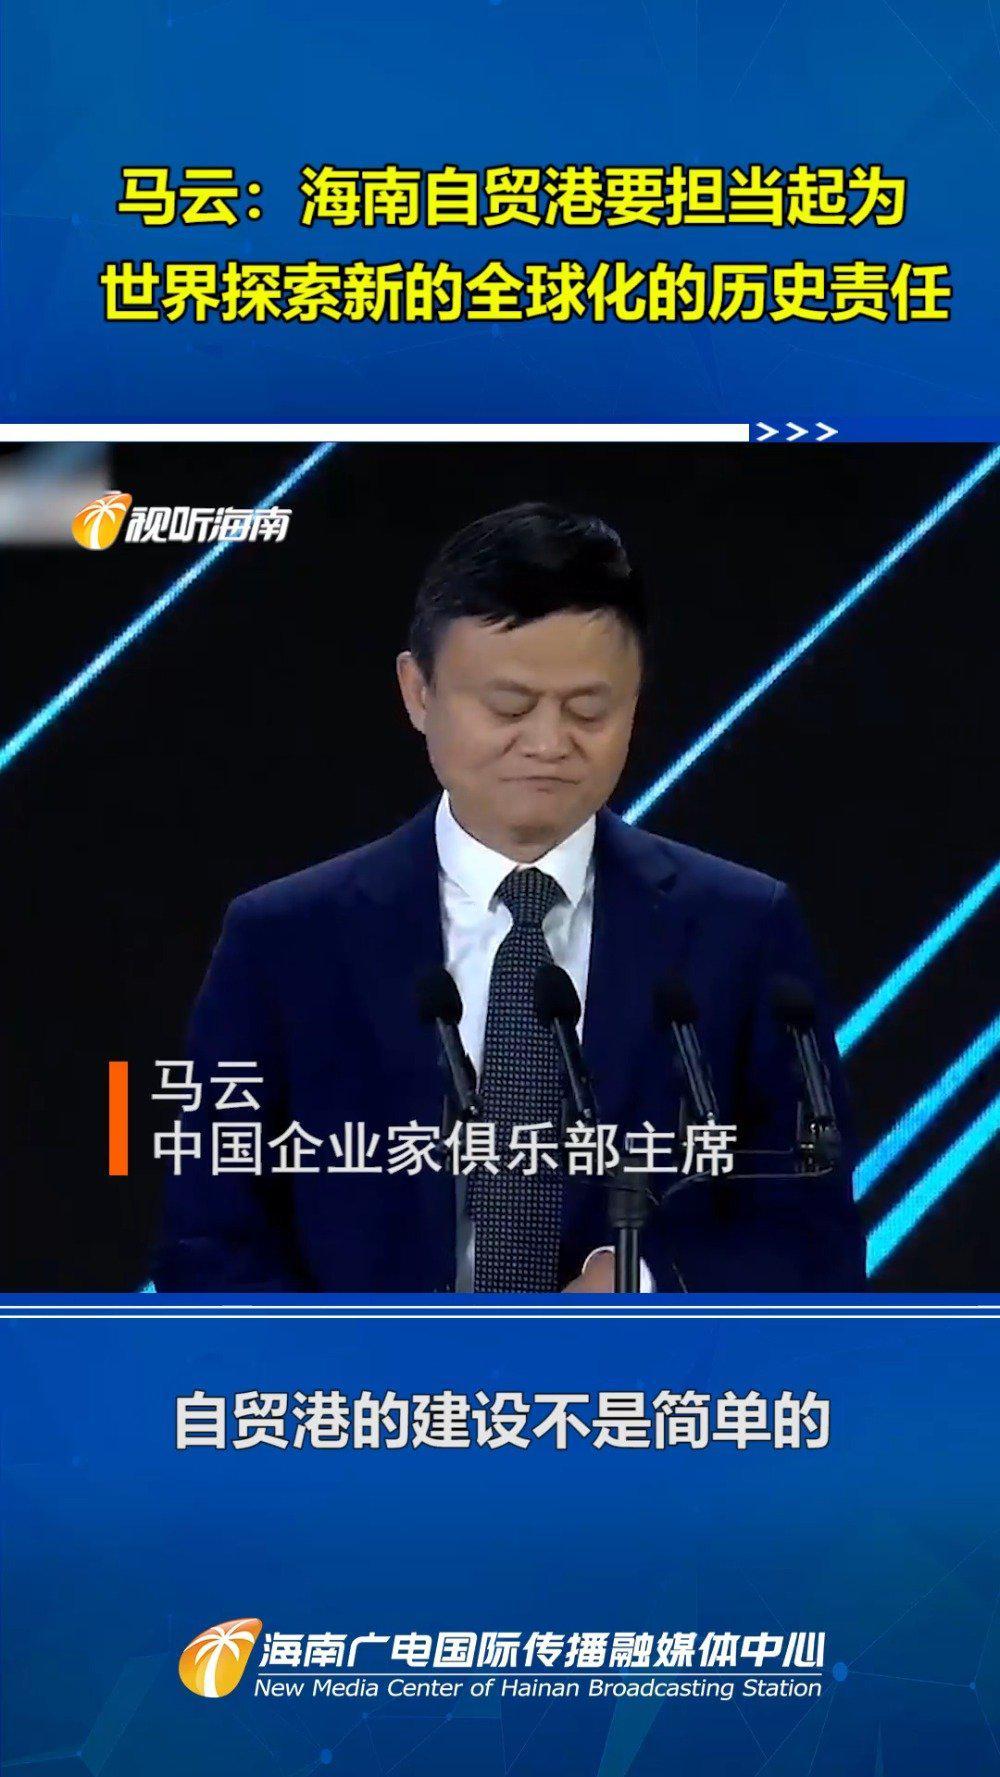 马云:海南自贸港要担当起为世界探索新的全球化的历史责任